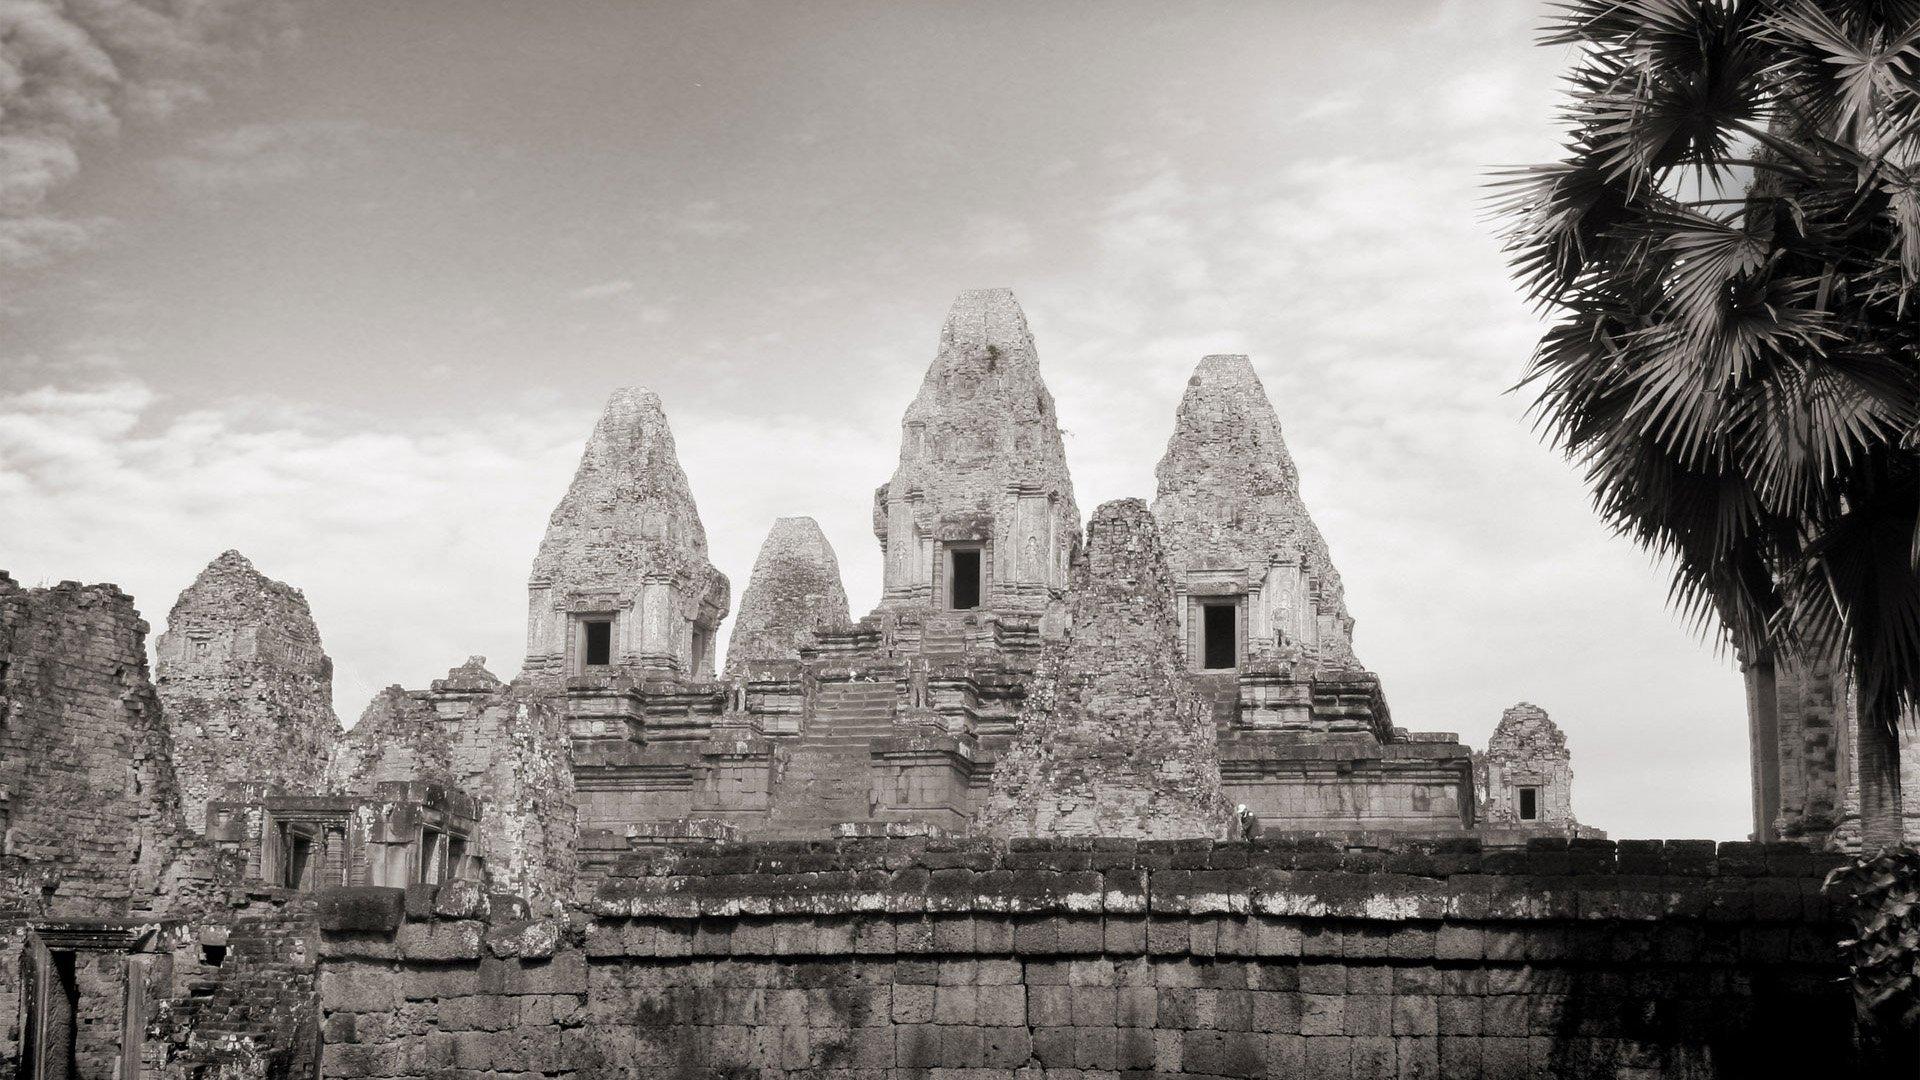 壁纸1920×1080纯粹的光影美学 人文建筑黑白摄影壁纸 Pre Rup Temple Cambodia 柬埔寨吴哥窟的变身塔桌面壁纸壁纸 纯粹的光影美学人文建筑黑白摄影壁纸壁纸图片人文壁纸人文图片素材桌面壁纸